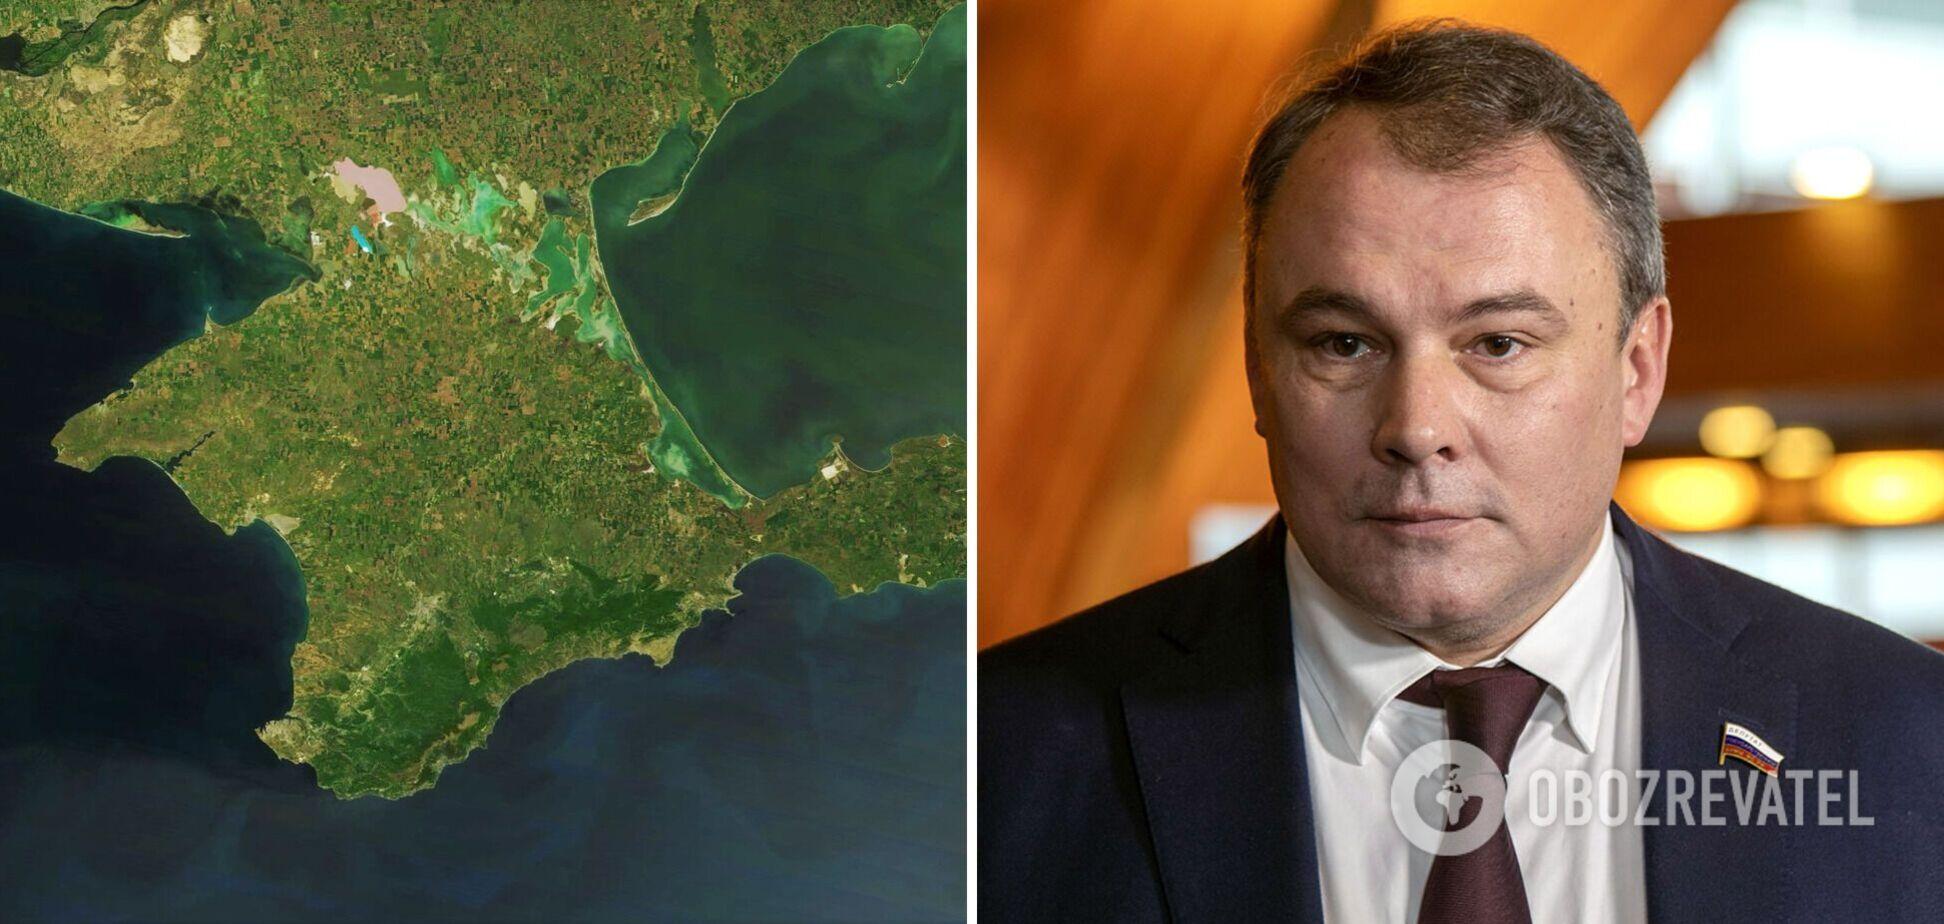 Представник РФ – про Крим: він ніколи не повернеться в Україну, потрібен час, щоб це зрозуміти